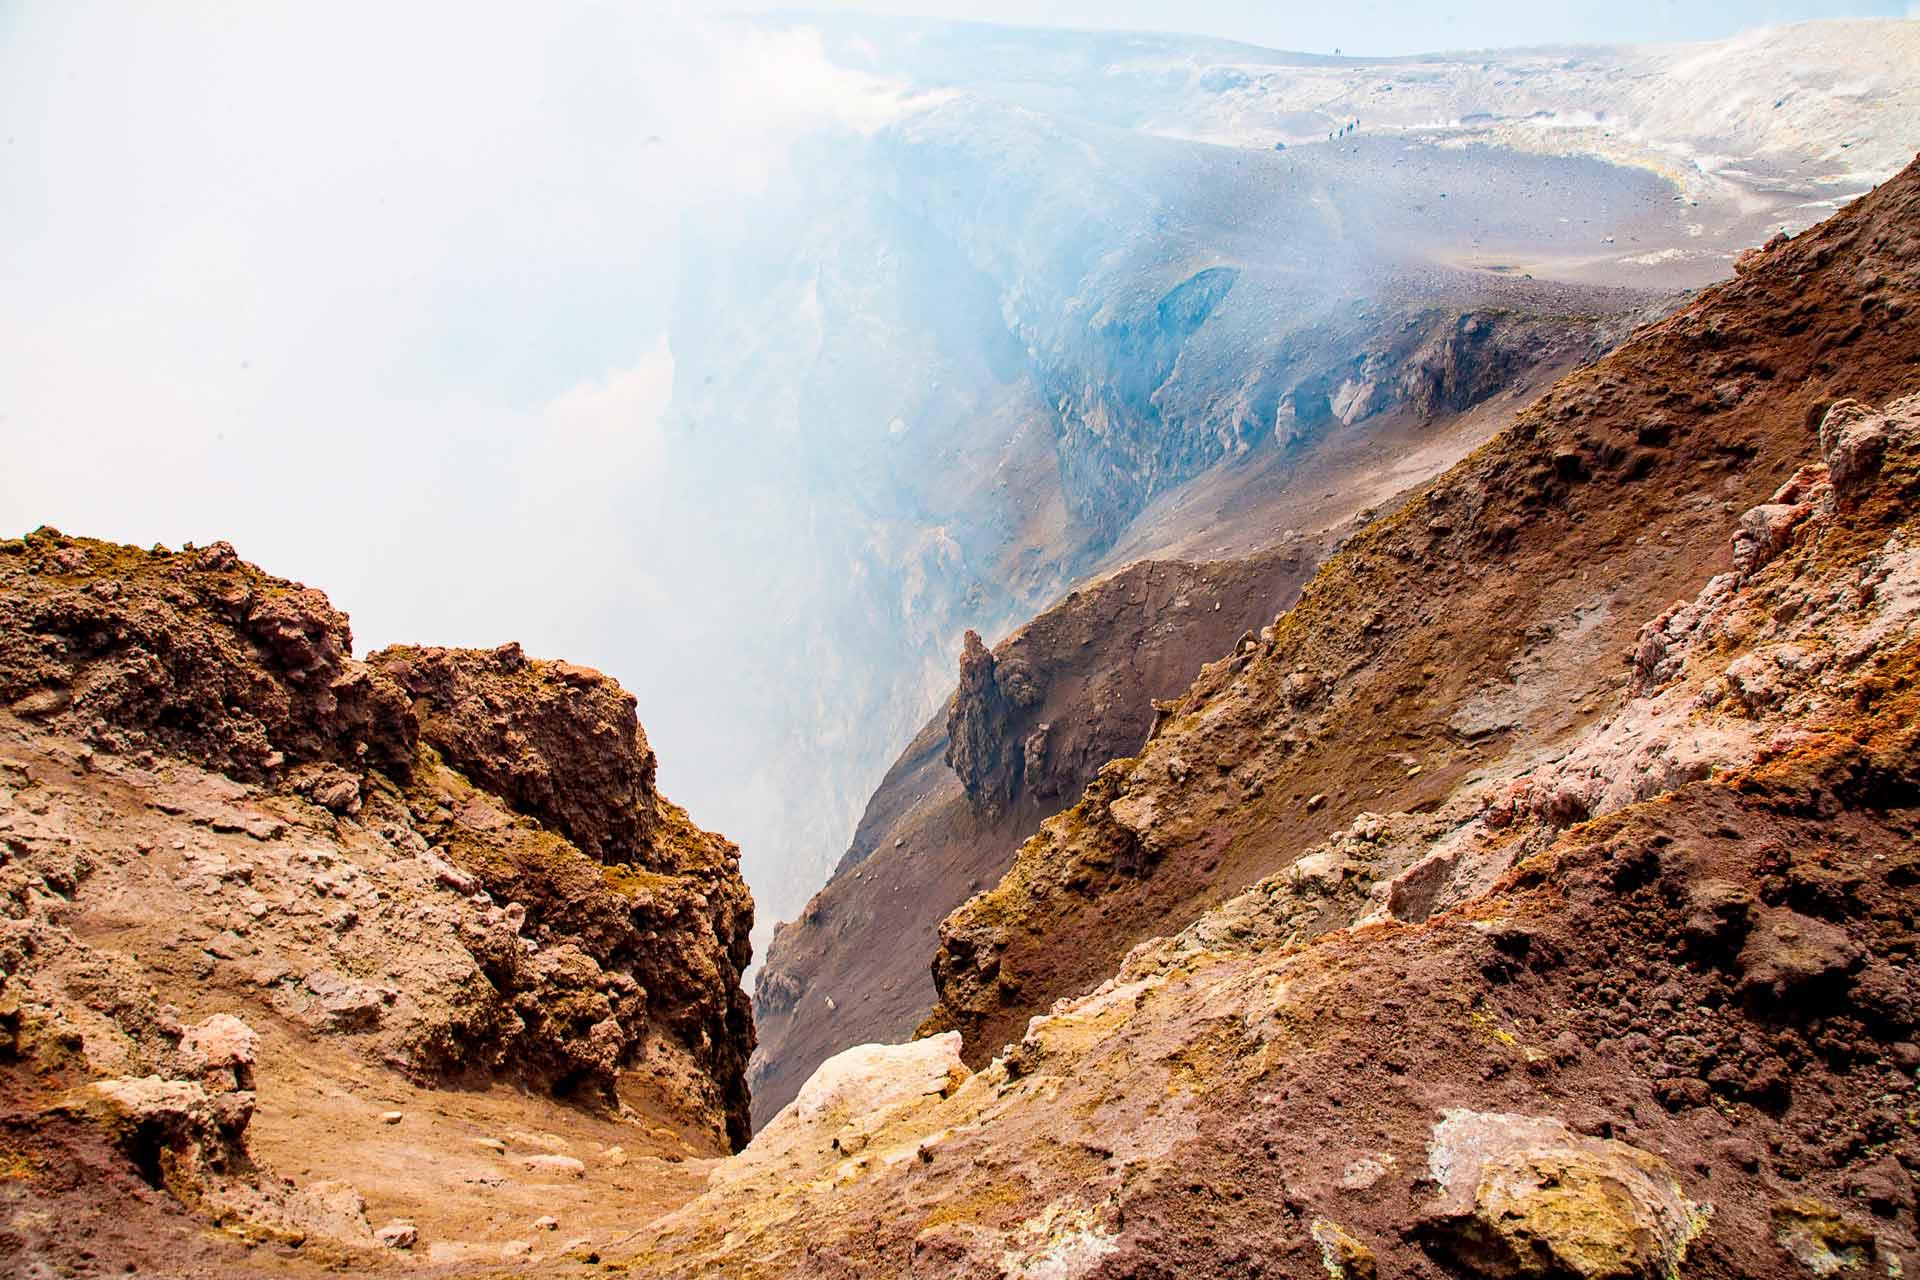 I fumi che fuoriescono a milioni di metri cubi dal camino del cratere, sono costituiti da vapore acqueo, acidi e gas come idrogeno solforato, anidride carbonica e acido cloridrico e molti altri componenti altrettanto irrespirabili e corrosivi.